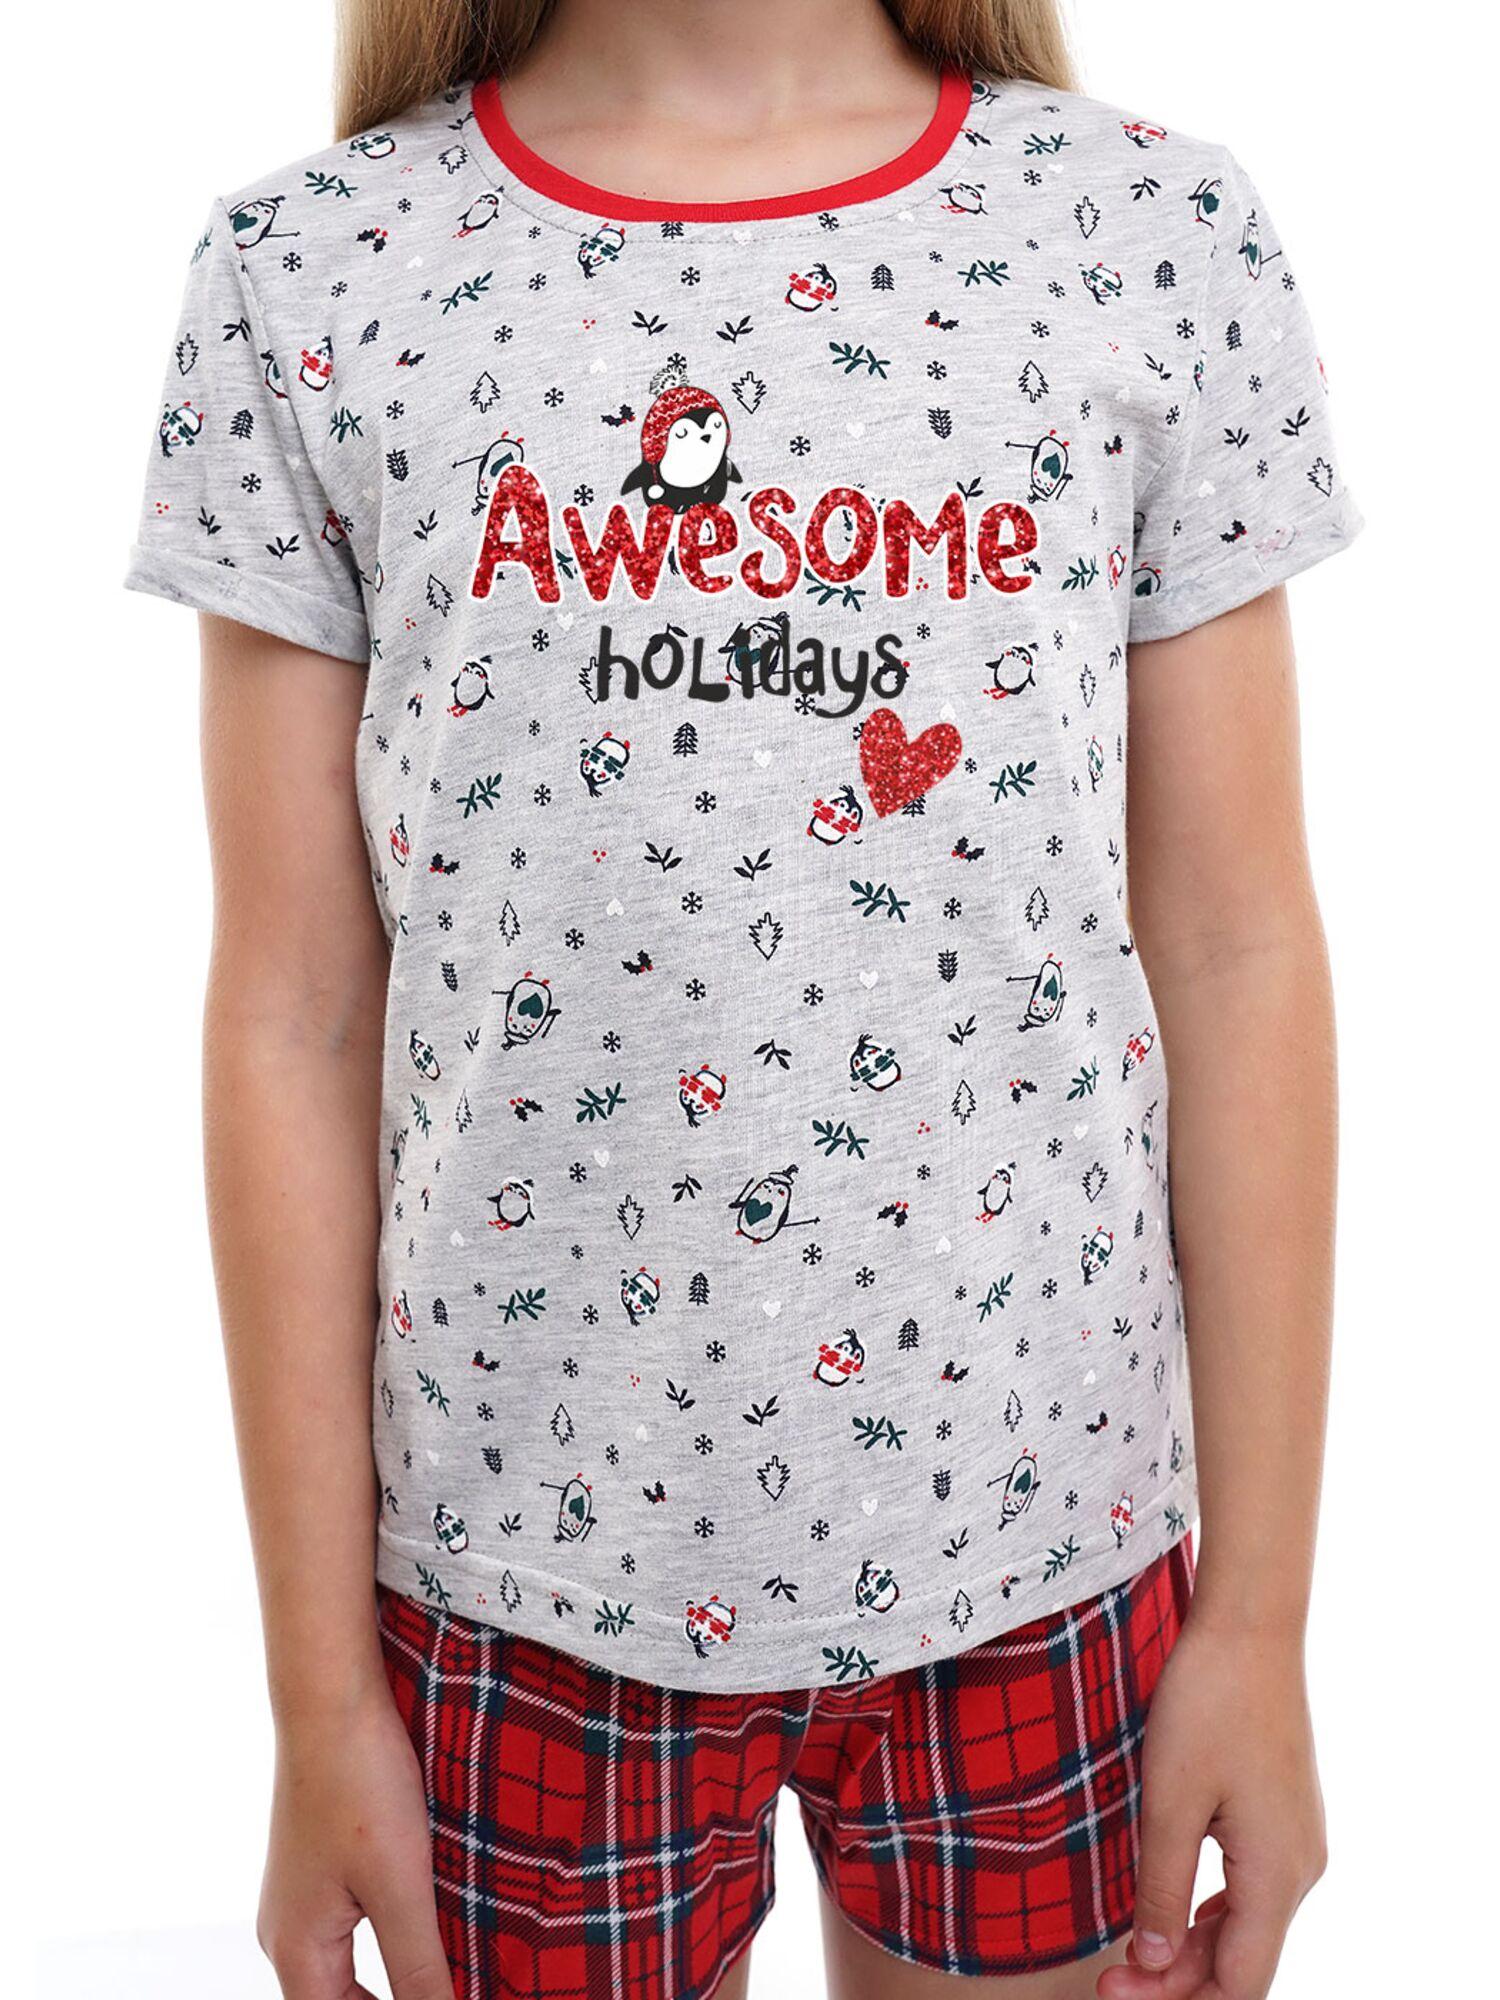 Детская хлопковая пижама для девочки CLE 794164/НГ серый/красный, Clever